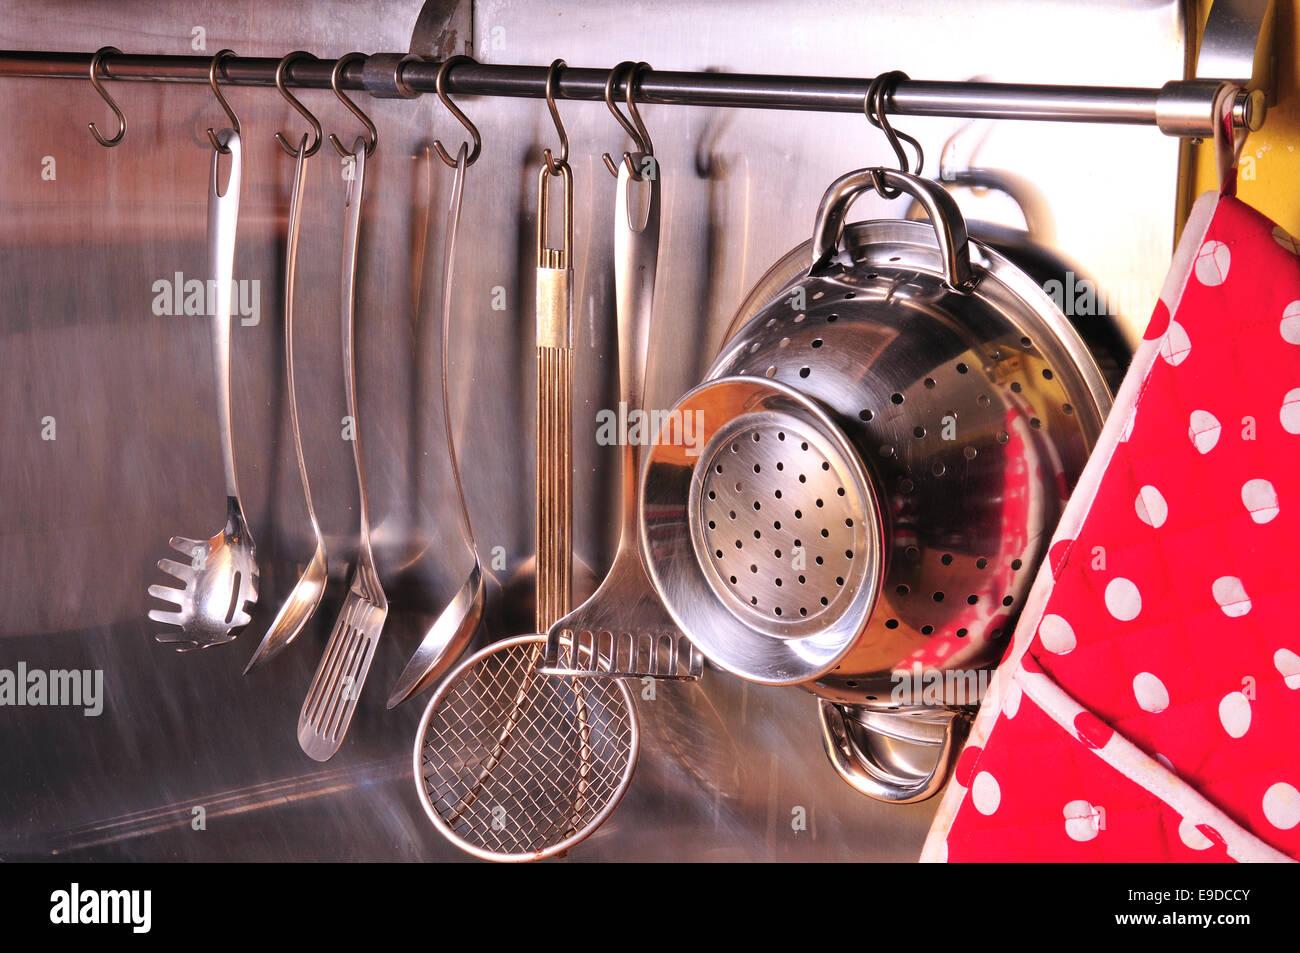 Kitchen Utensils on Stainless Steel - Stock Image